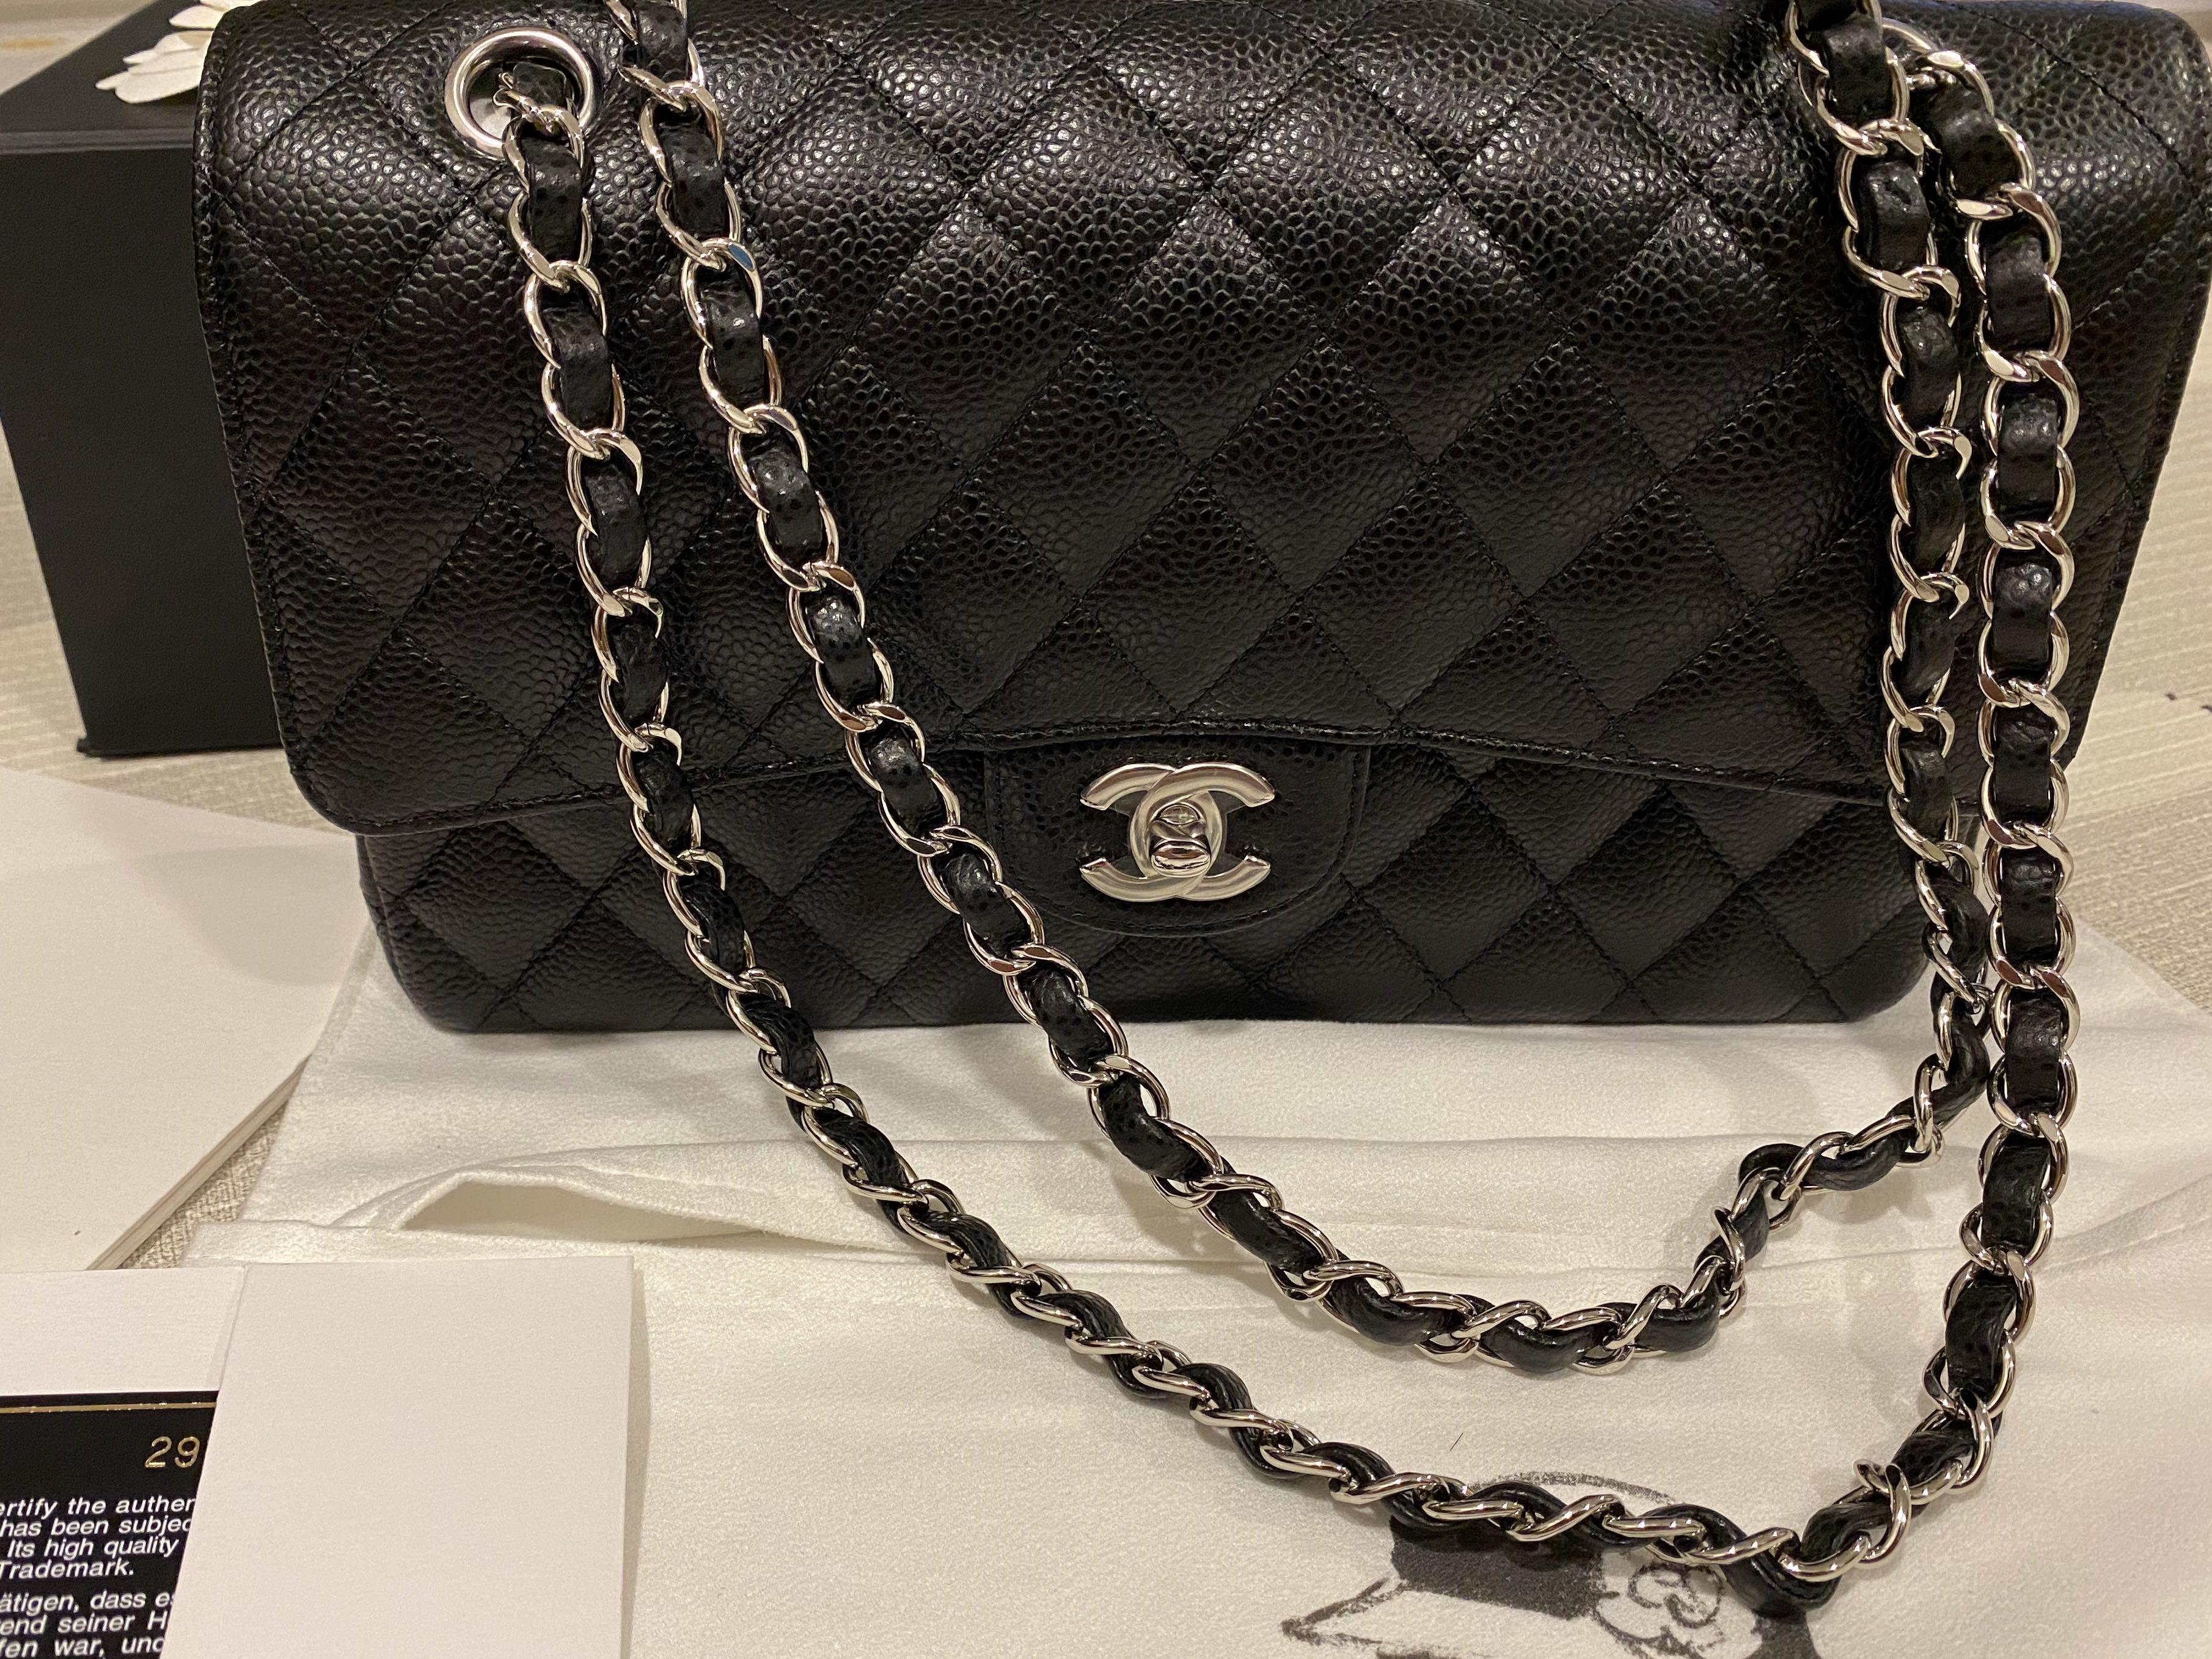 Chanel Medium Flap in SHW